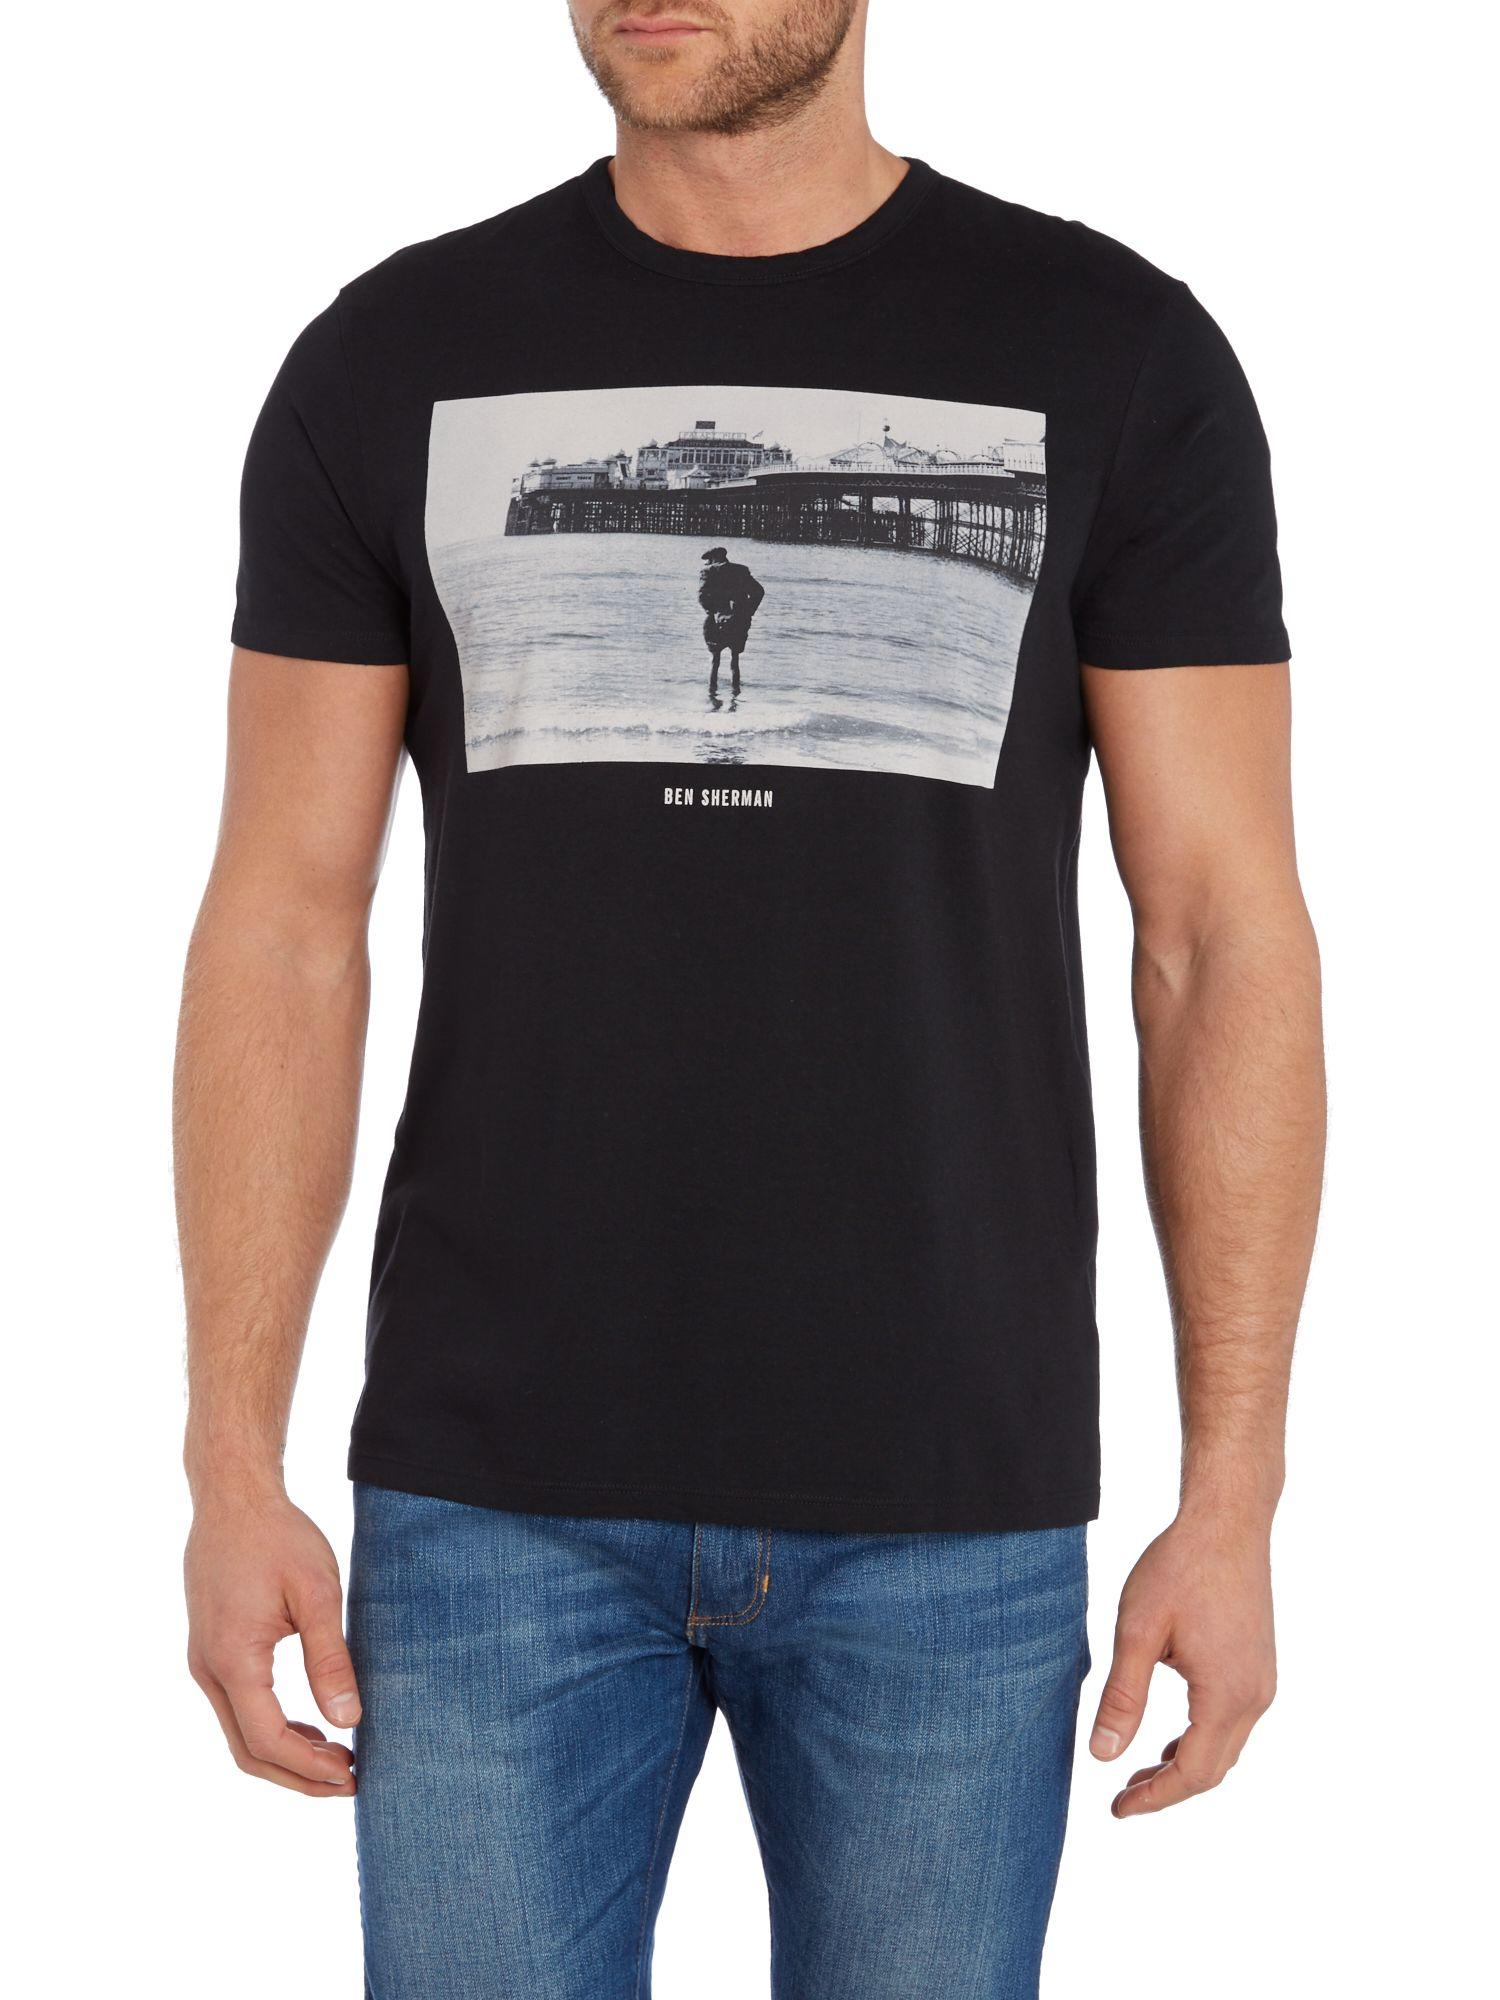 Ben sherman tony ray jones brighton t shirt in black for for Brighton t shirt printing